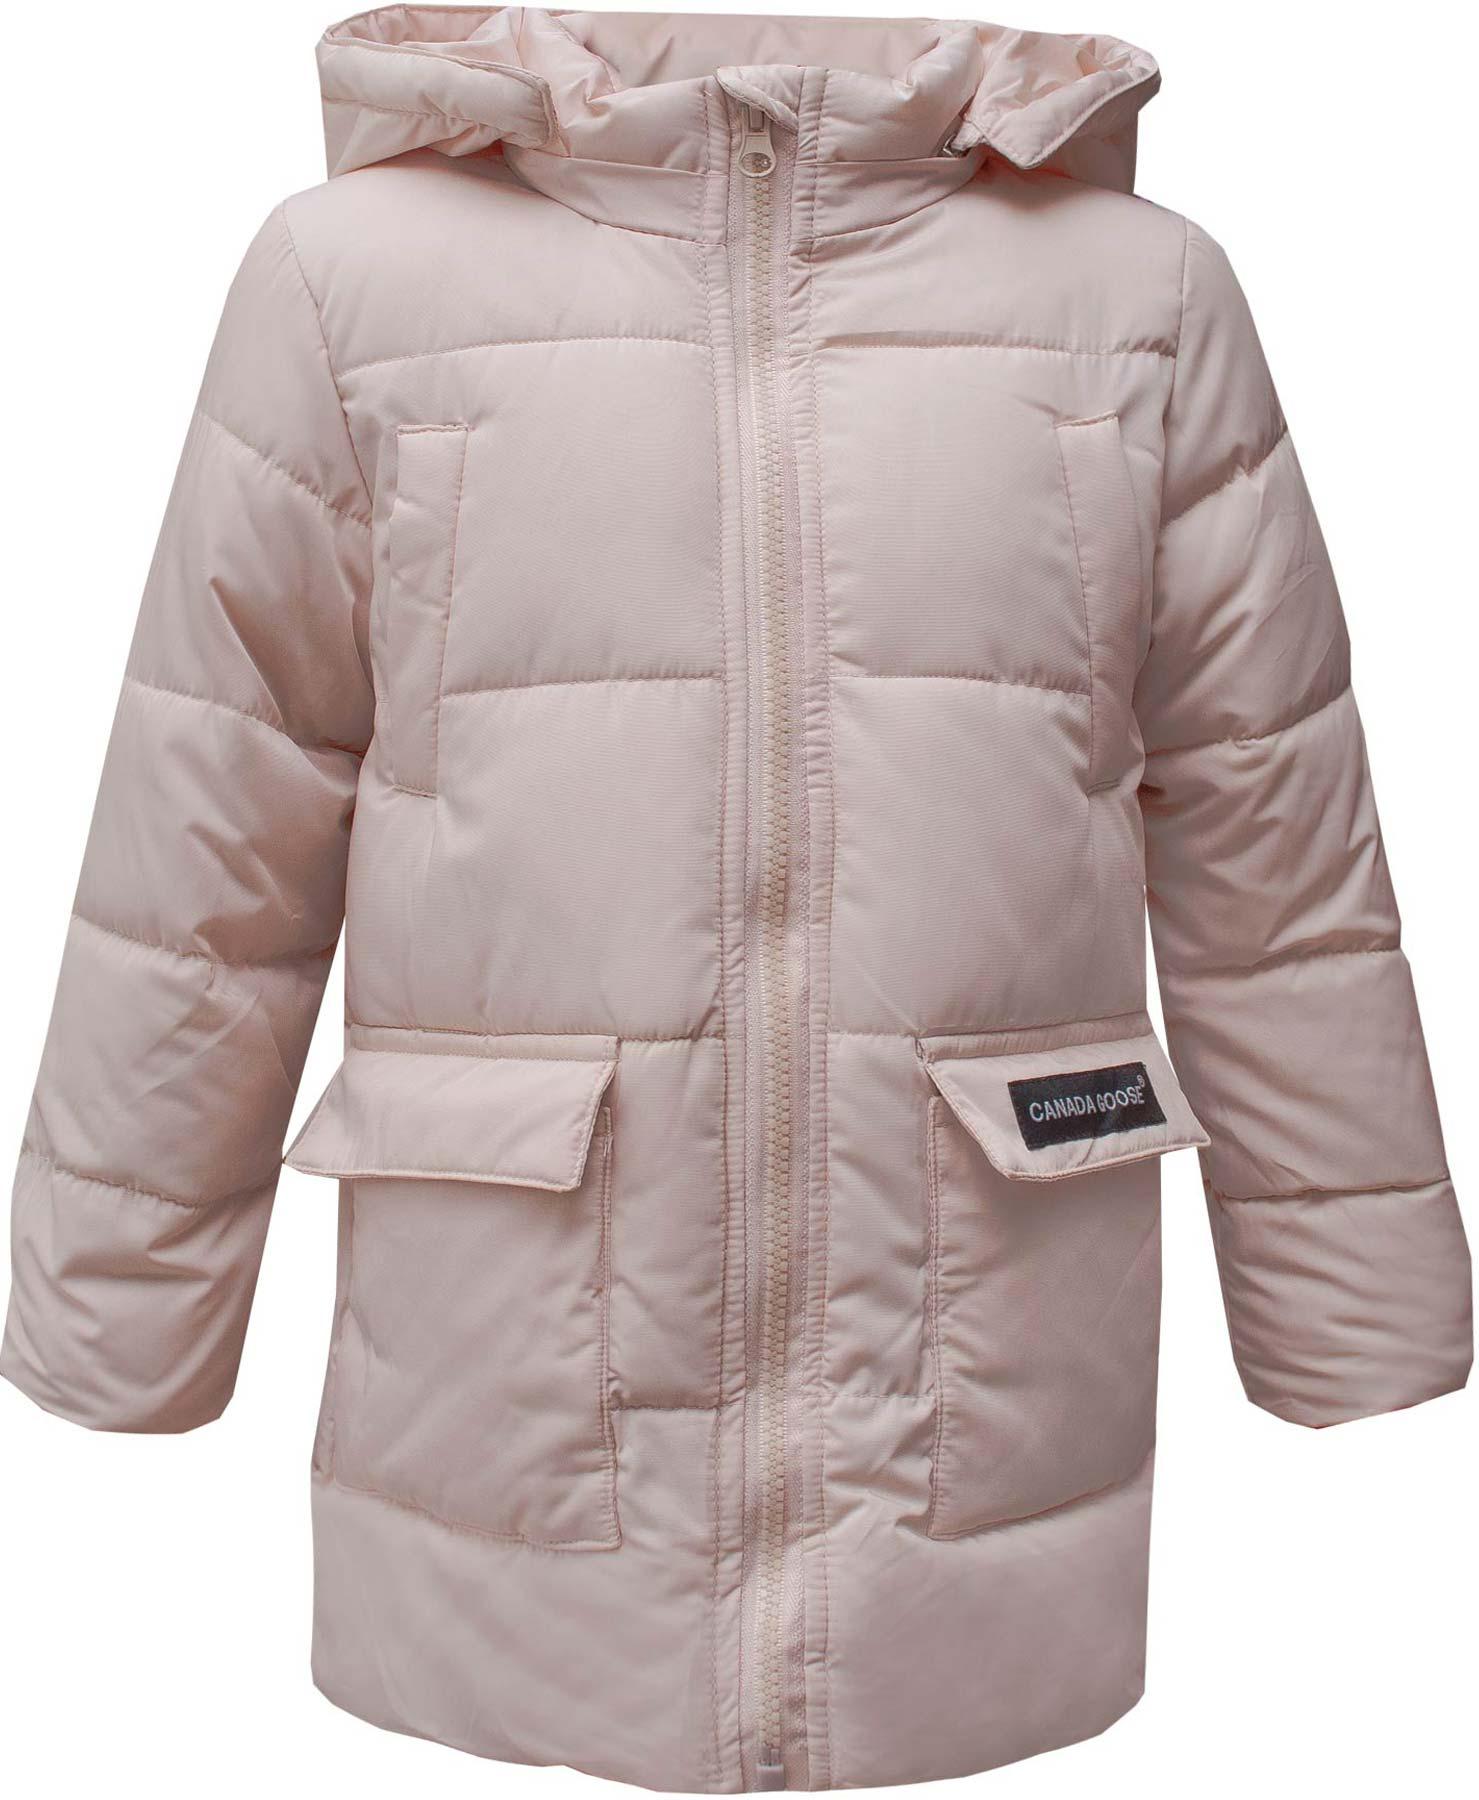 Куртка Мягкое обаяние